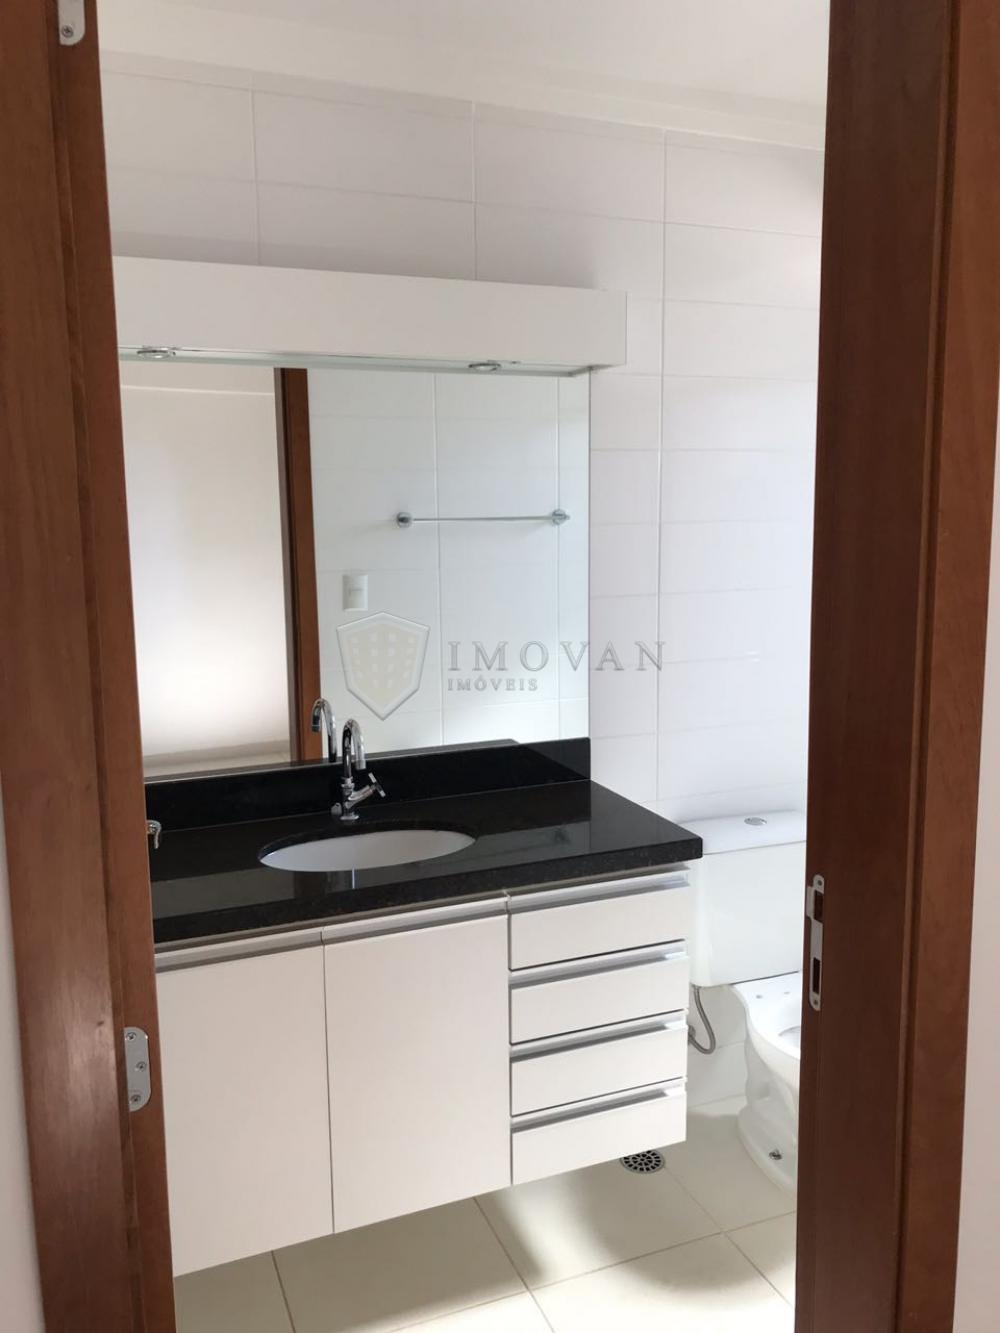 Alugar Apartamento / Padrão em Ribeirão Preto apenas R$ 800,00 - Foto 18